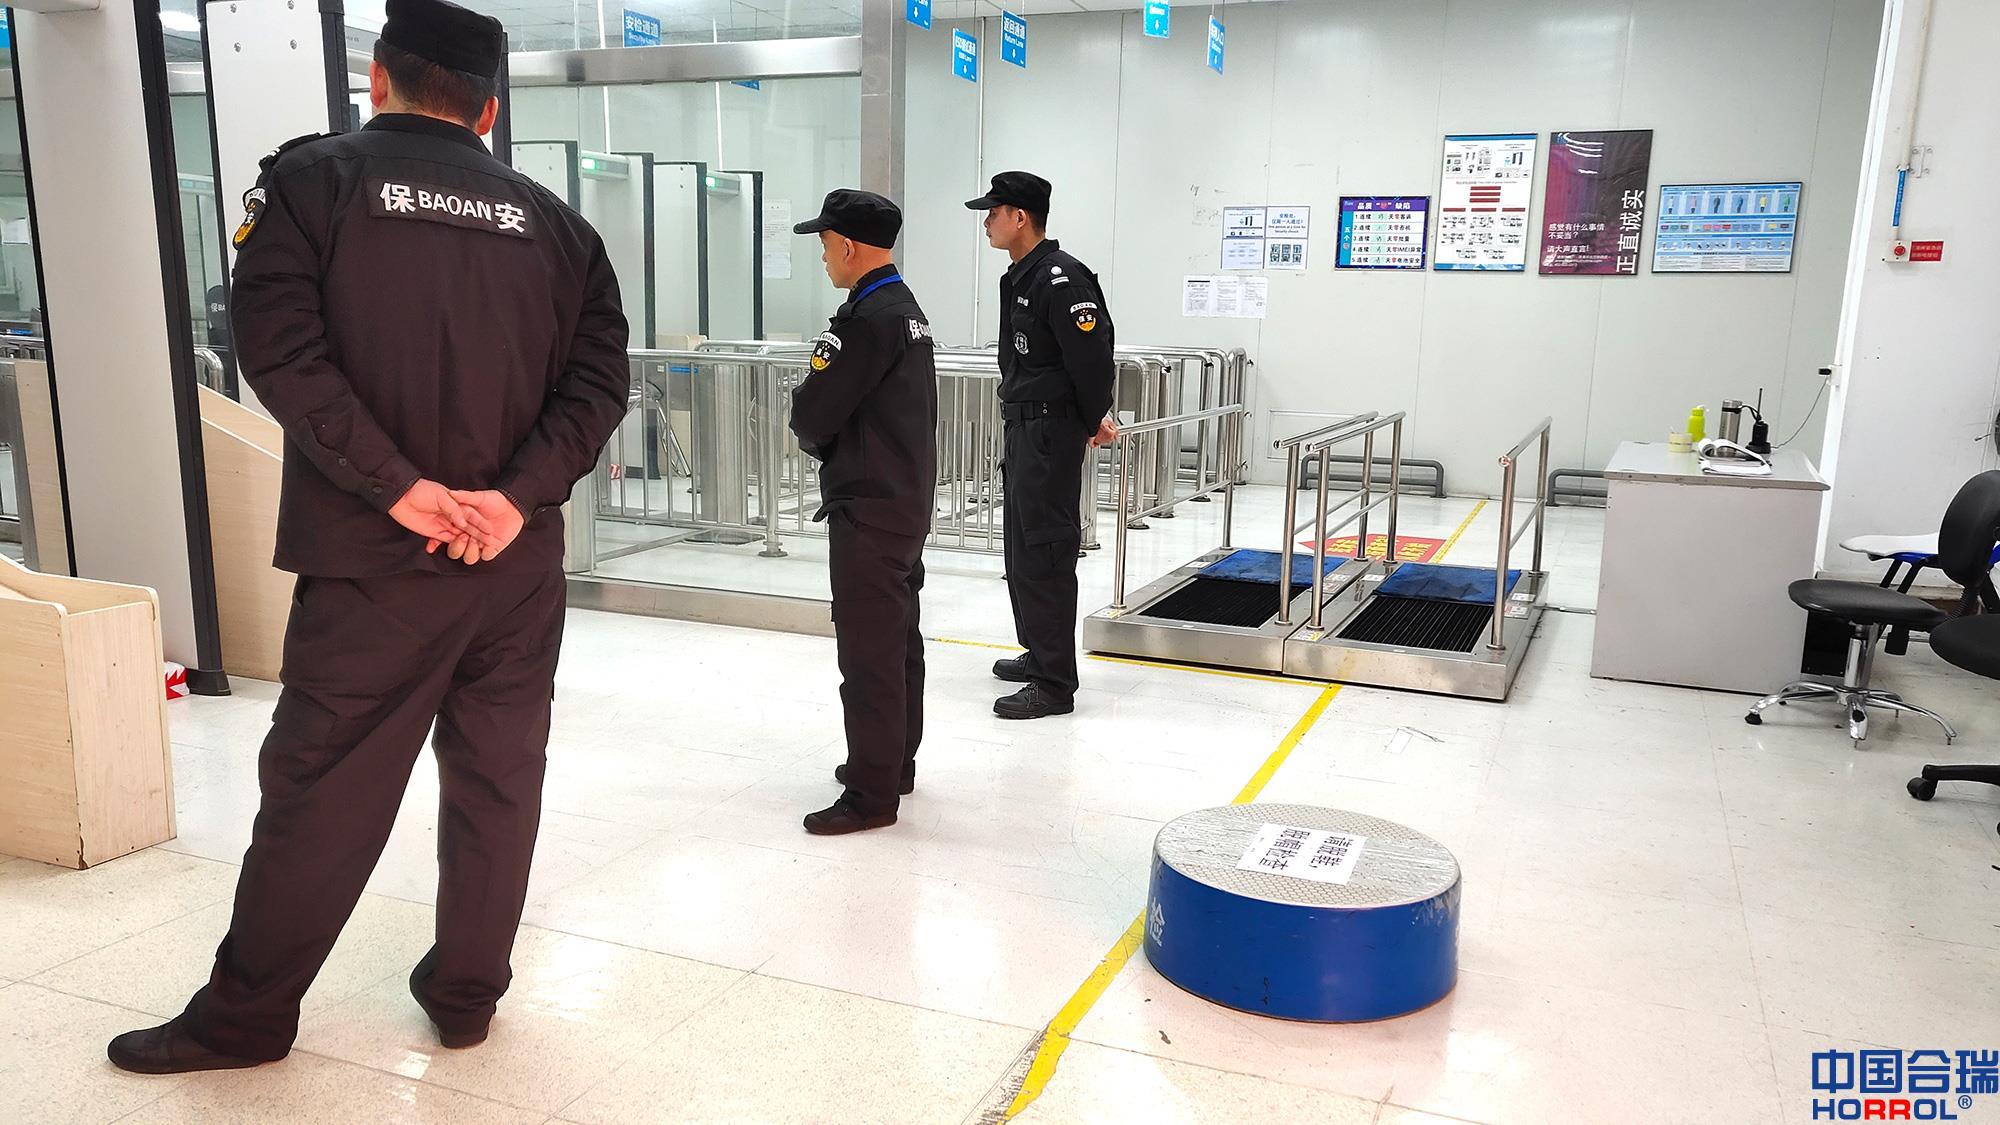 中国合瑞全自动鞋底清洁机HORROL鞋底清洗机-4